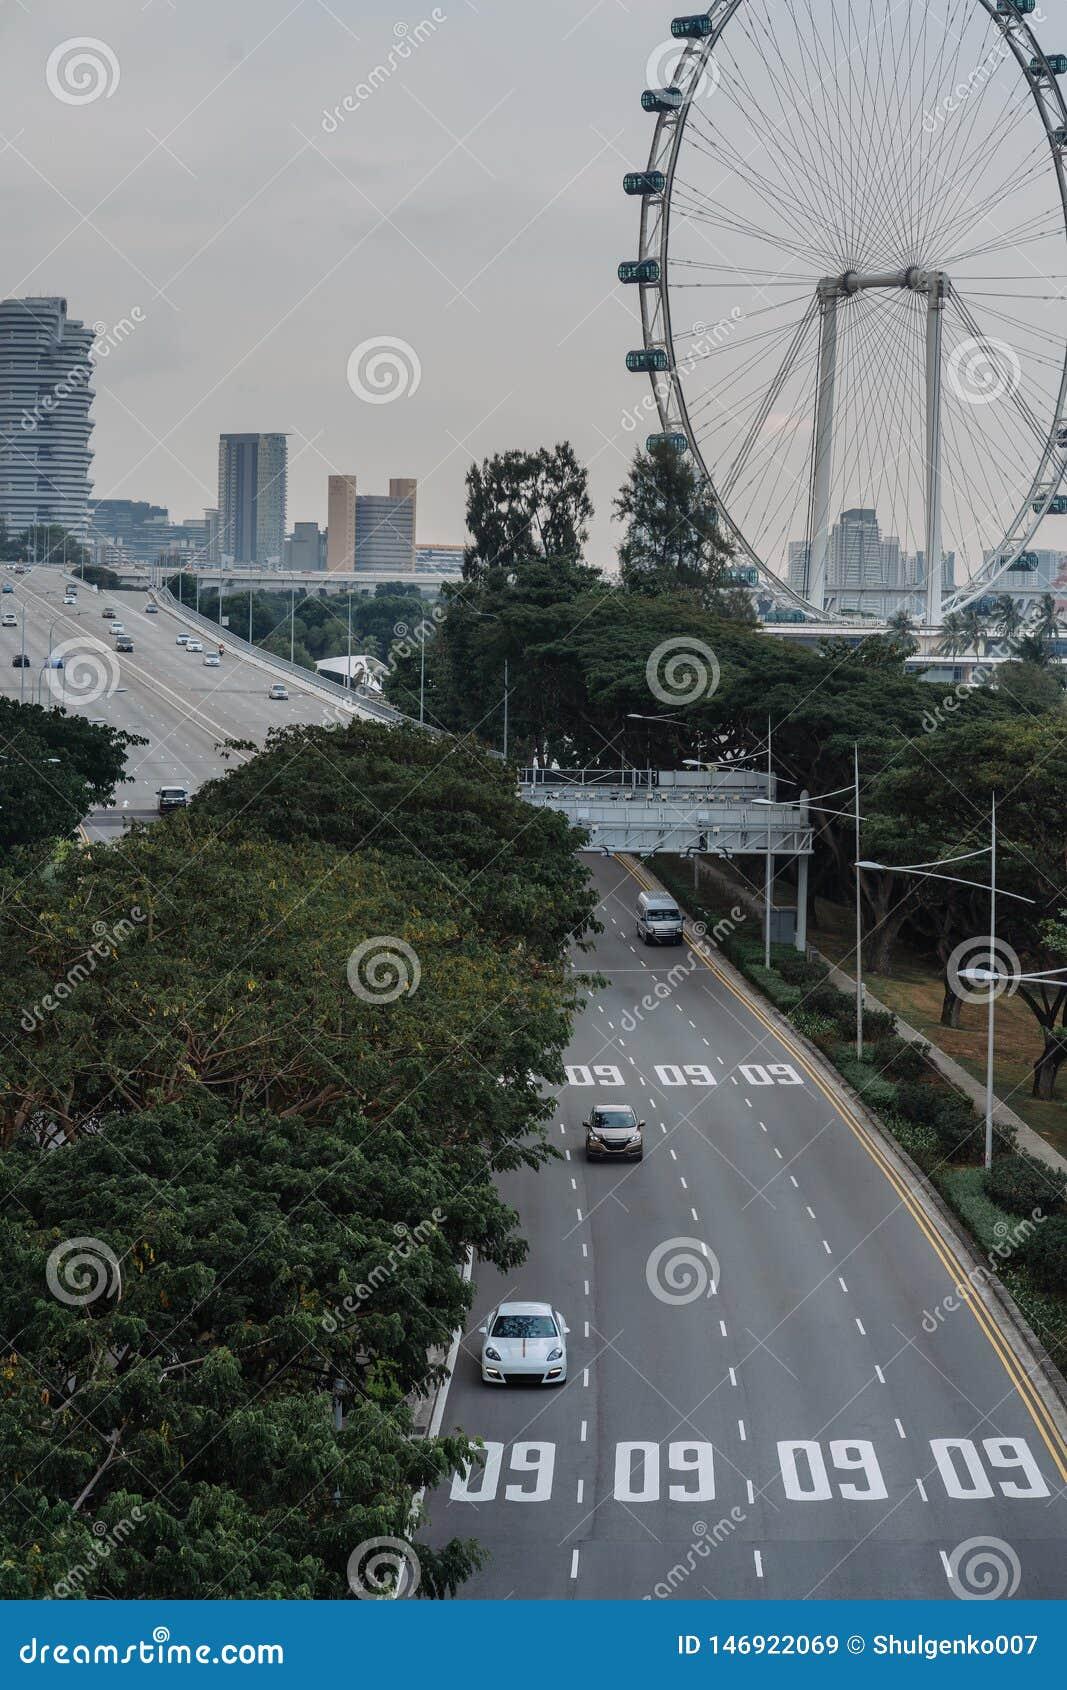 Ευρεία ασιατική μητρόπολη αστικών αυτοκινητόδρομων Σύγχρονες κτήρια και δομές r Εθνική οδός στο πυκνό τροπικό δάσος